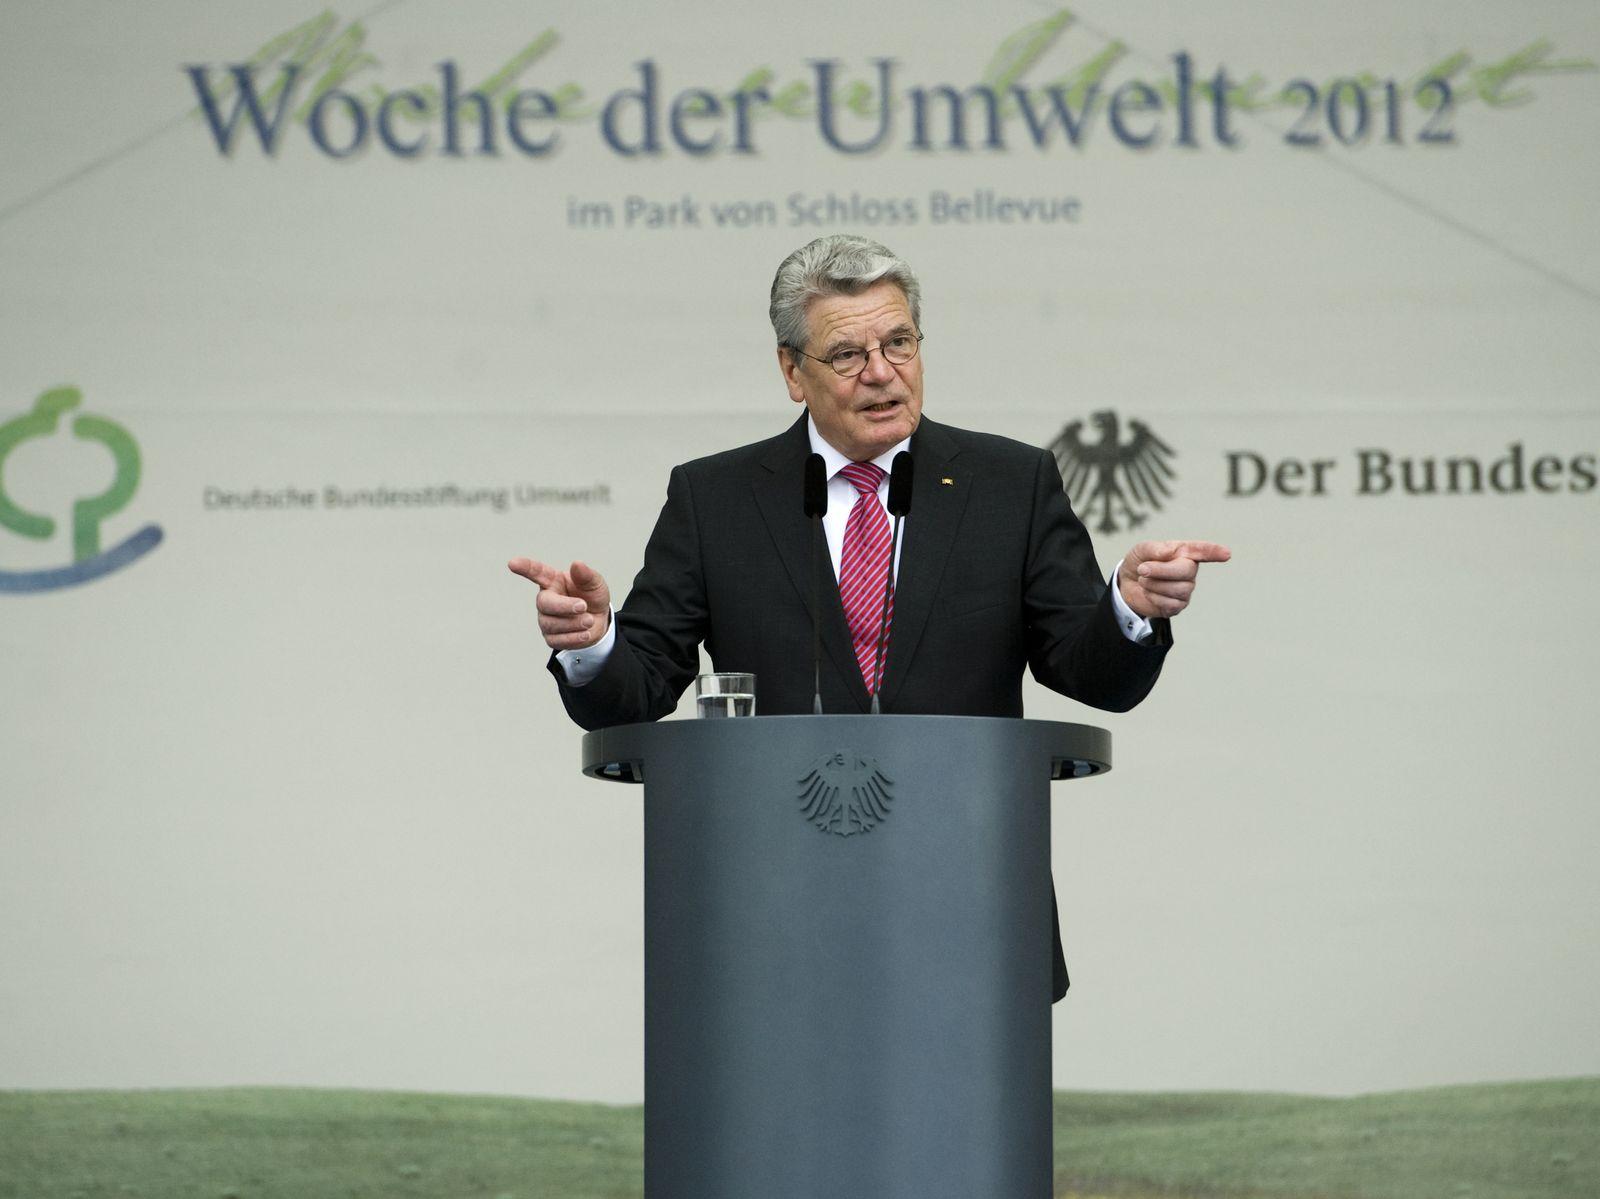 NICHT VERWENDEN Gauck / Woche der Umwelt